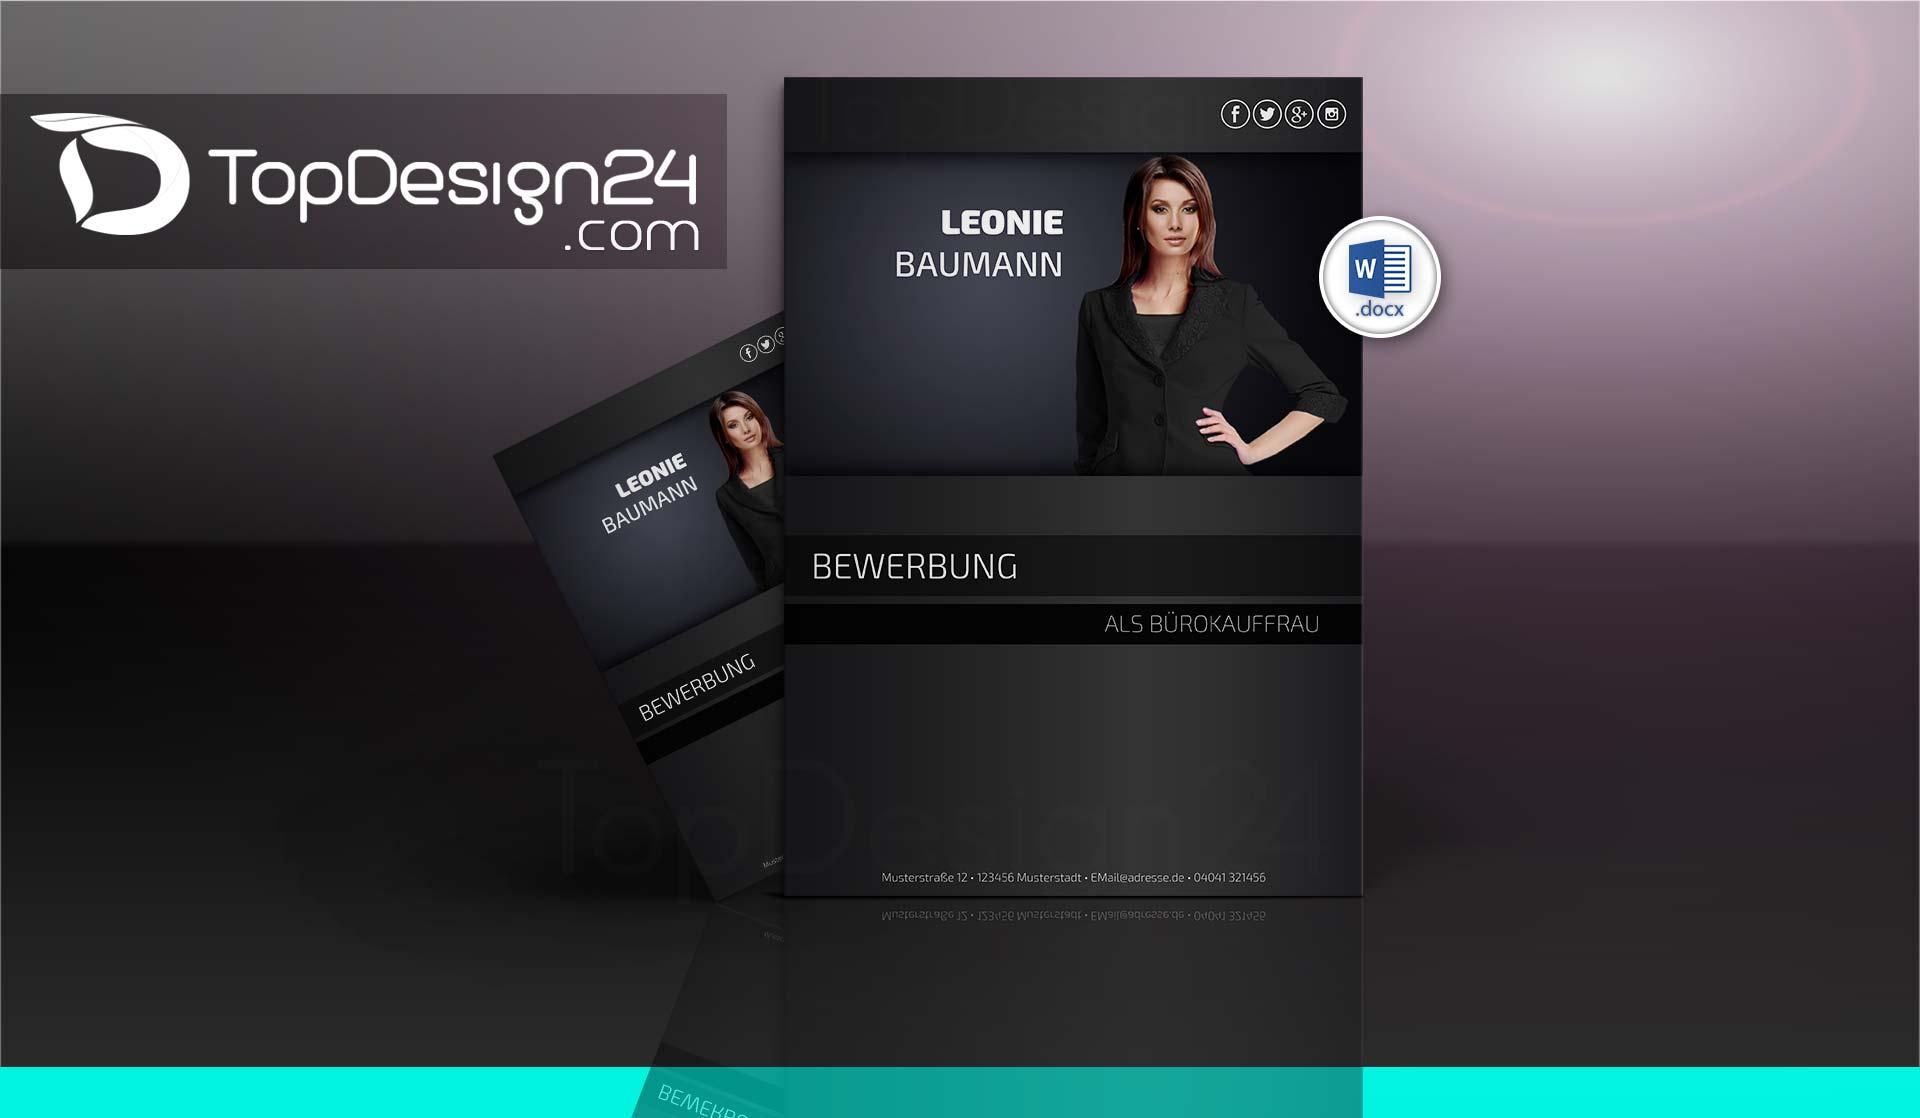 Bewerbungslayout Topdesign24 Bewerbungsvorlagen